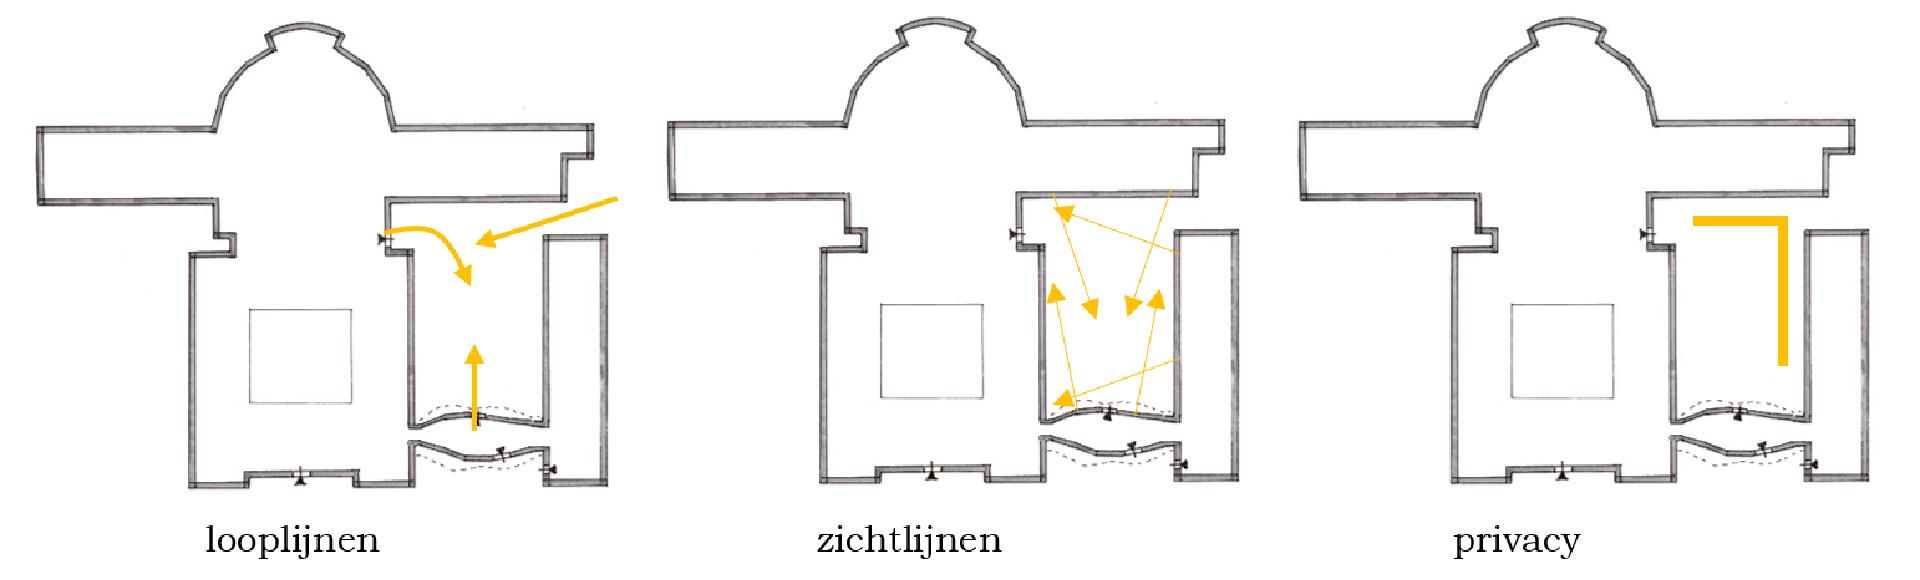 looplijnen en zichtlijnen ontwerp binnentuin emmaus helvoirt